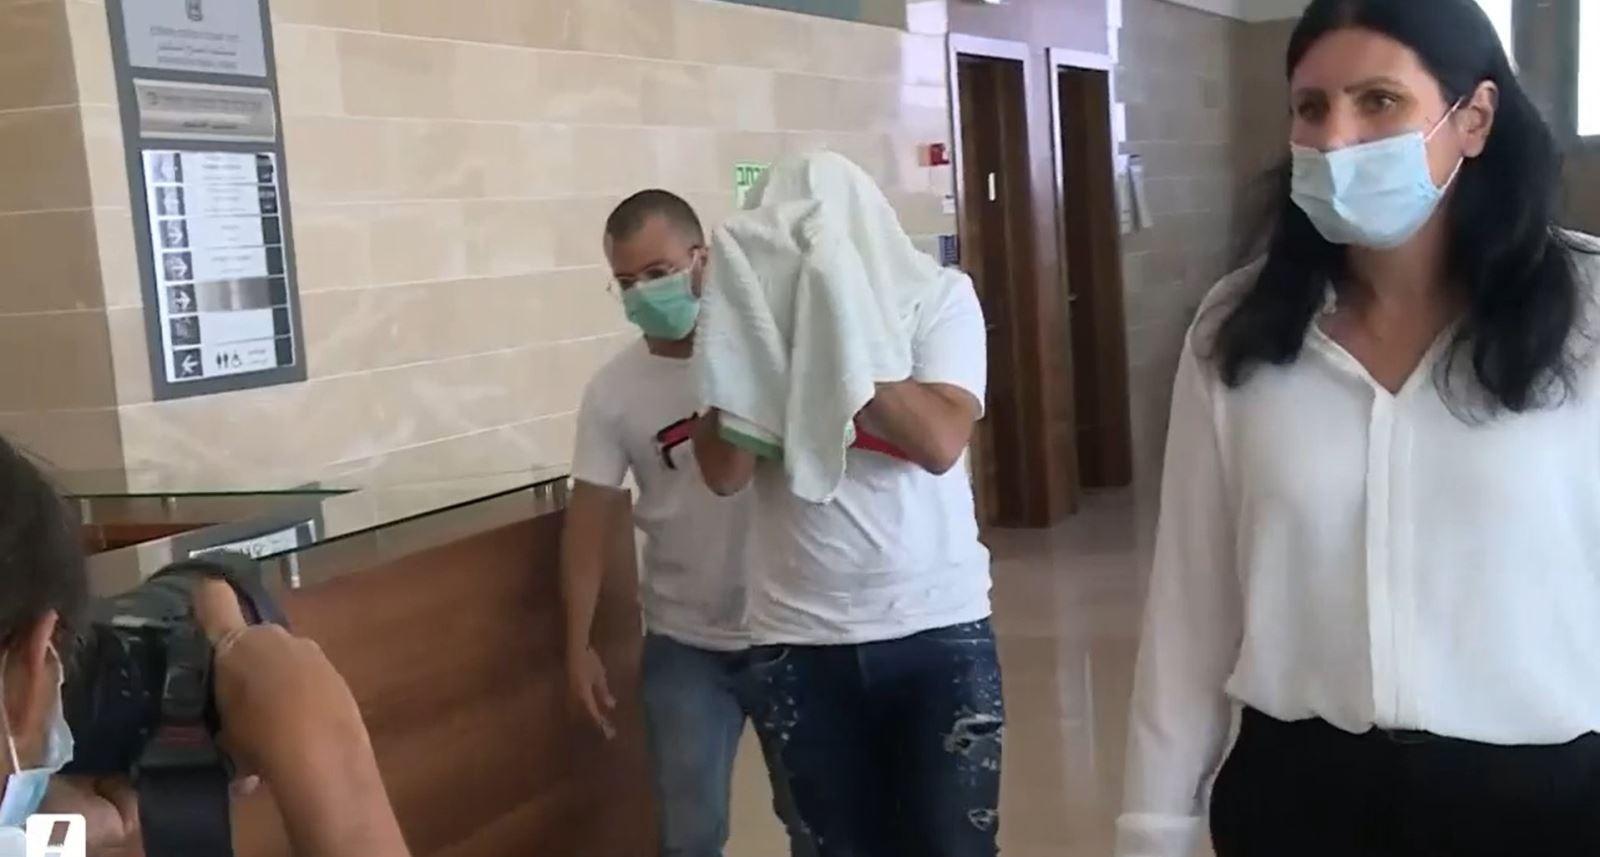 שניים מהחשודים המרכזיים בחשד לאונס באילת הם אחים תאומים בני 17 – שוחררו הבוקר ממעצר